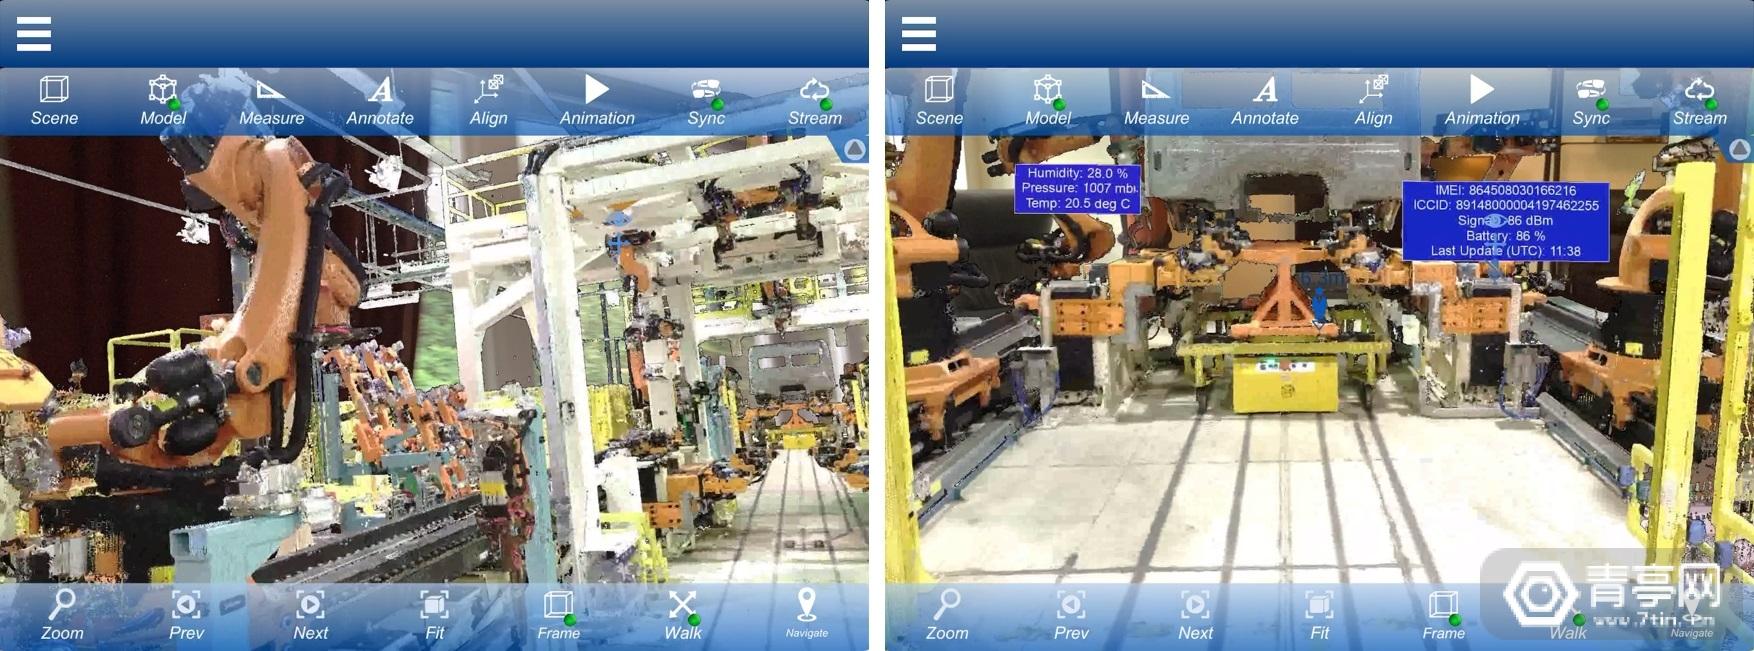 Arvizio XR工业协作平台,现支持LiDAR和Quest